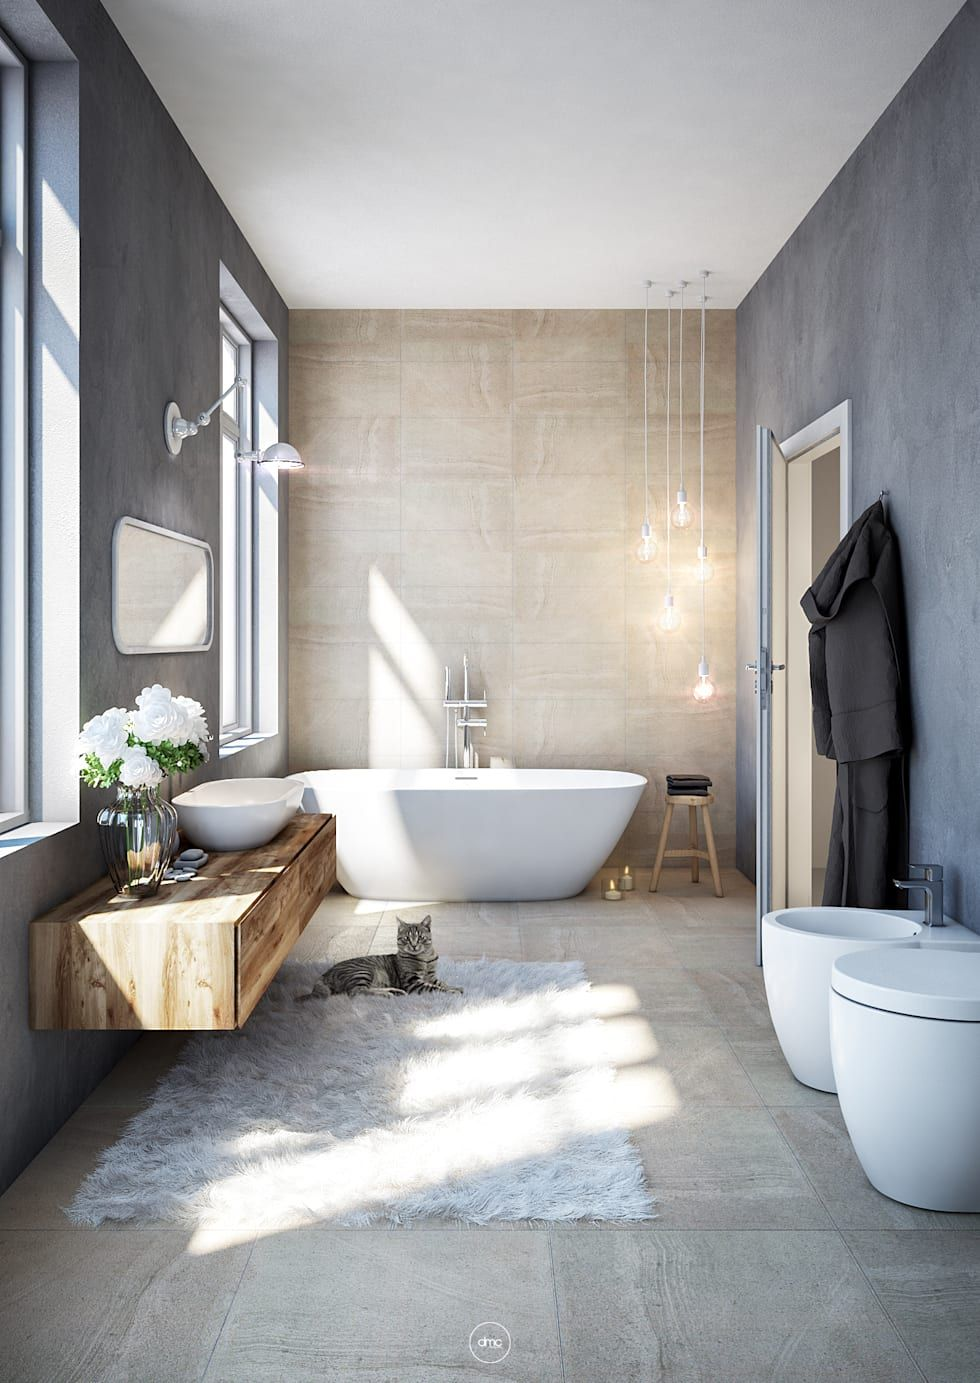 Droombadkamers Die Je Inspireren Tot Een Upgrade Homify Homify Bathroom Design Inspiration Modern Bathroom Design Bathroom Interior